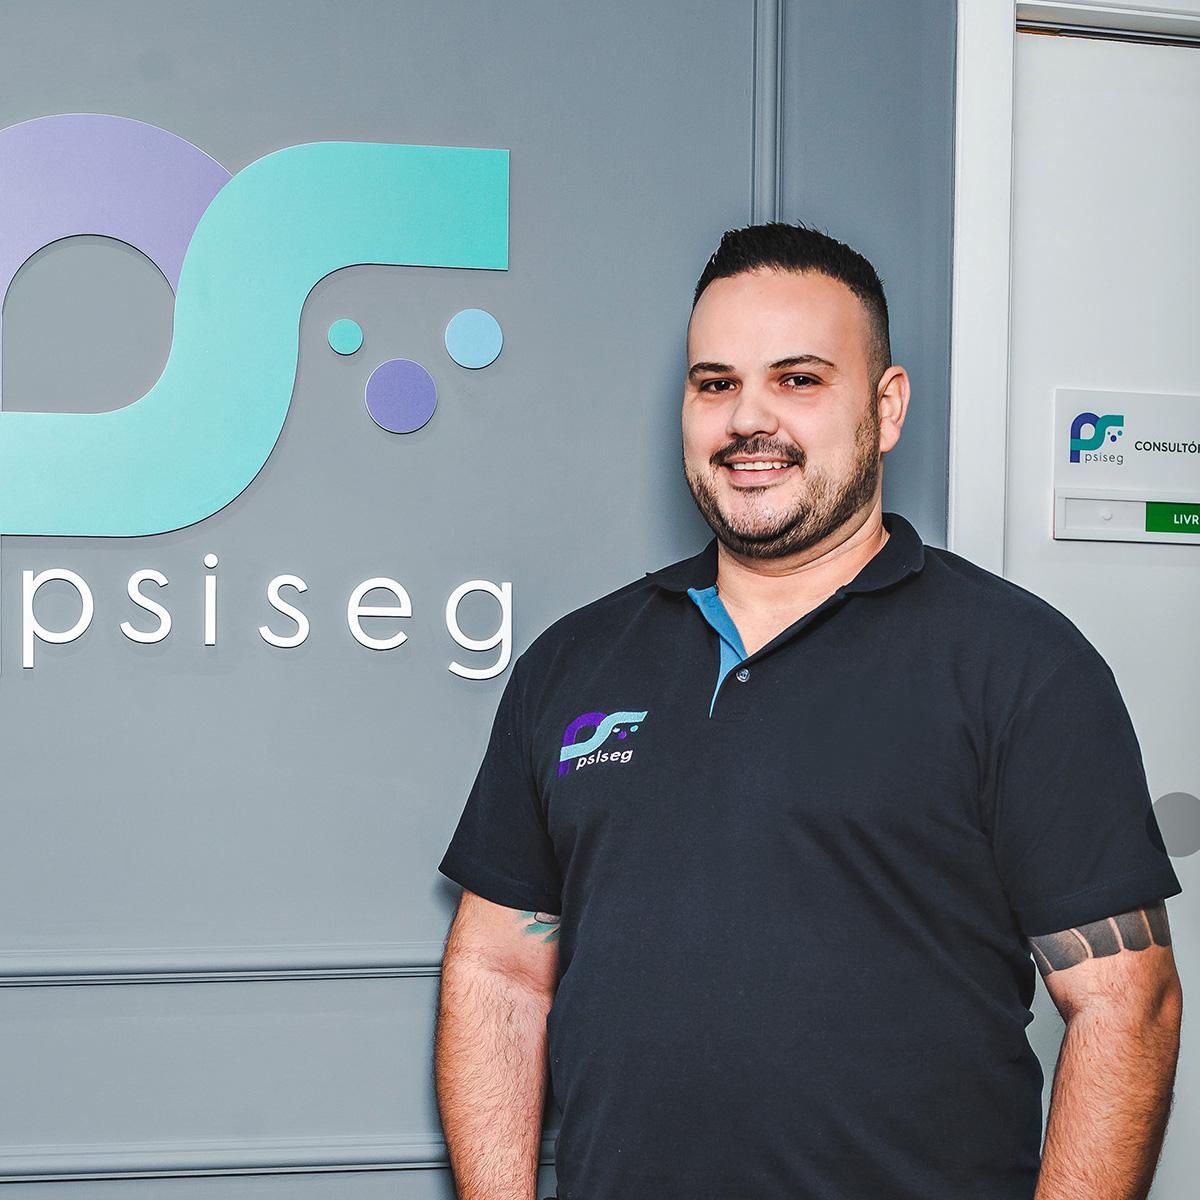 https://www.psiseg.com.br/wp-content/uploads/2020/10/danilo-equipe.jpg